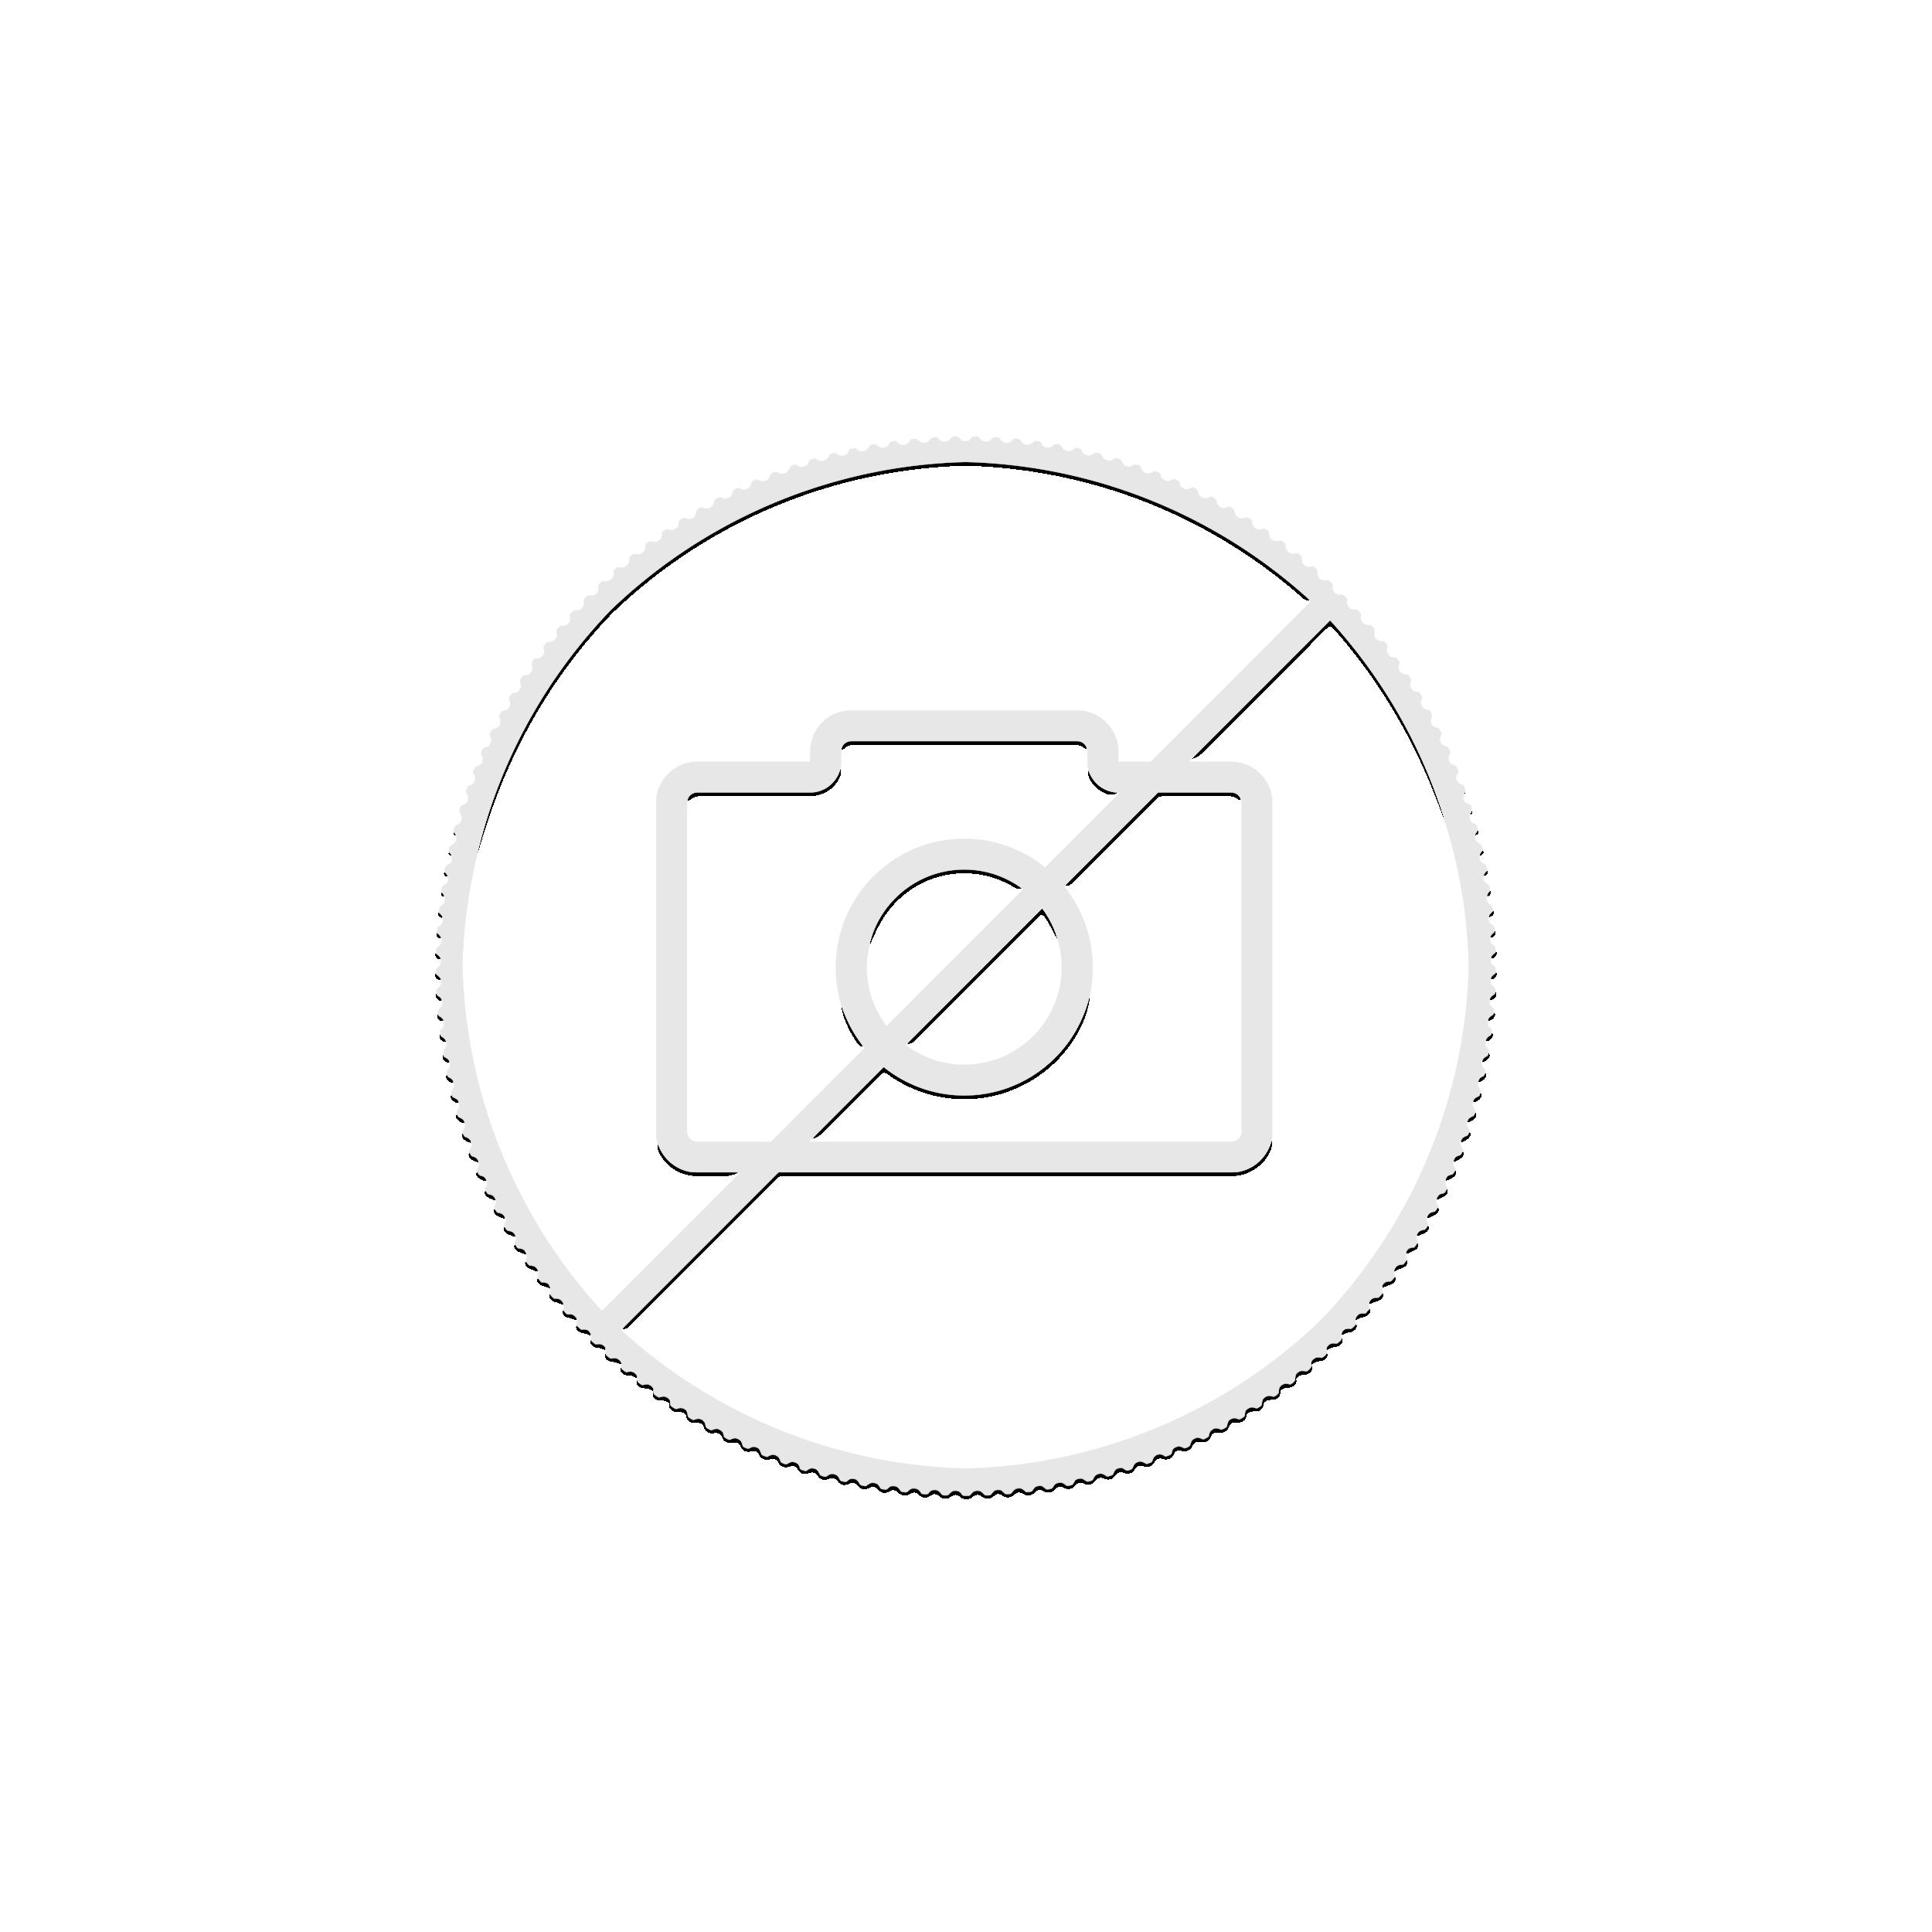 15 Grams gold coin Panda 2020